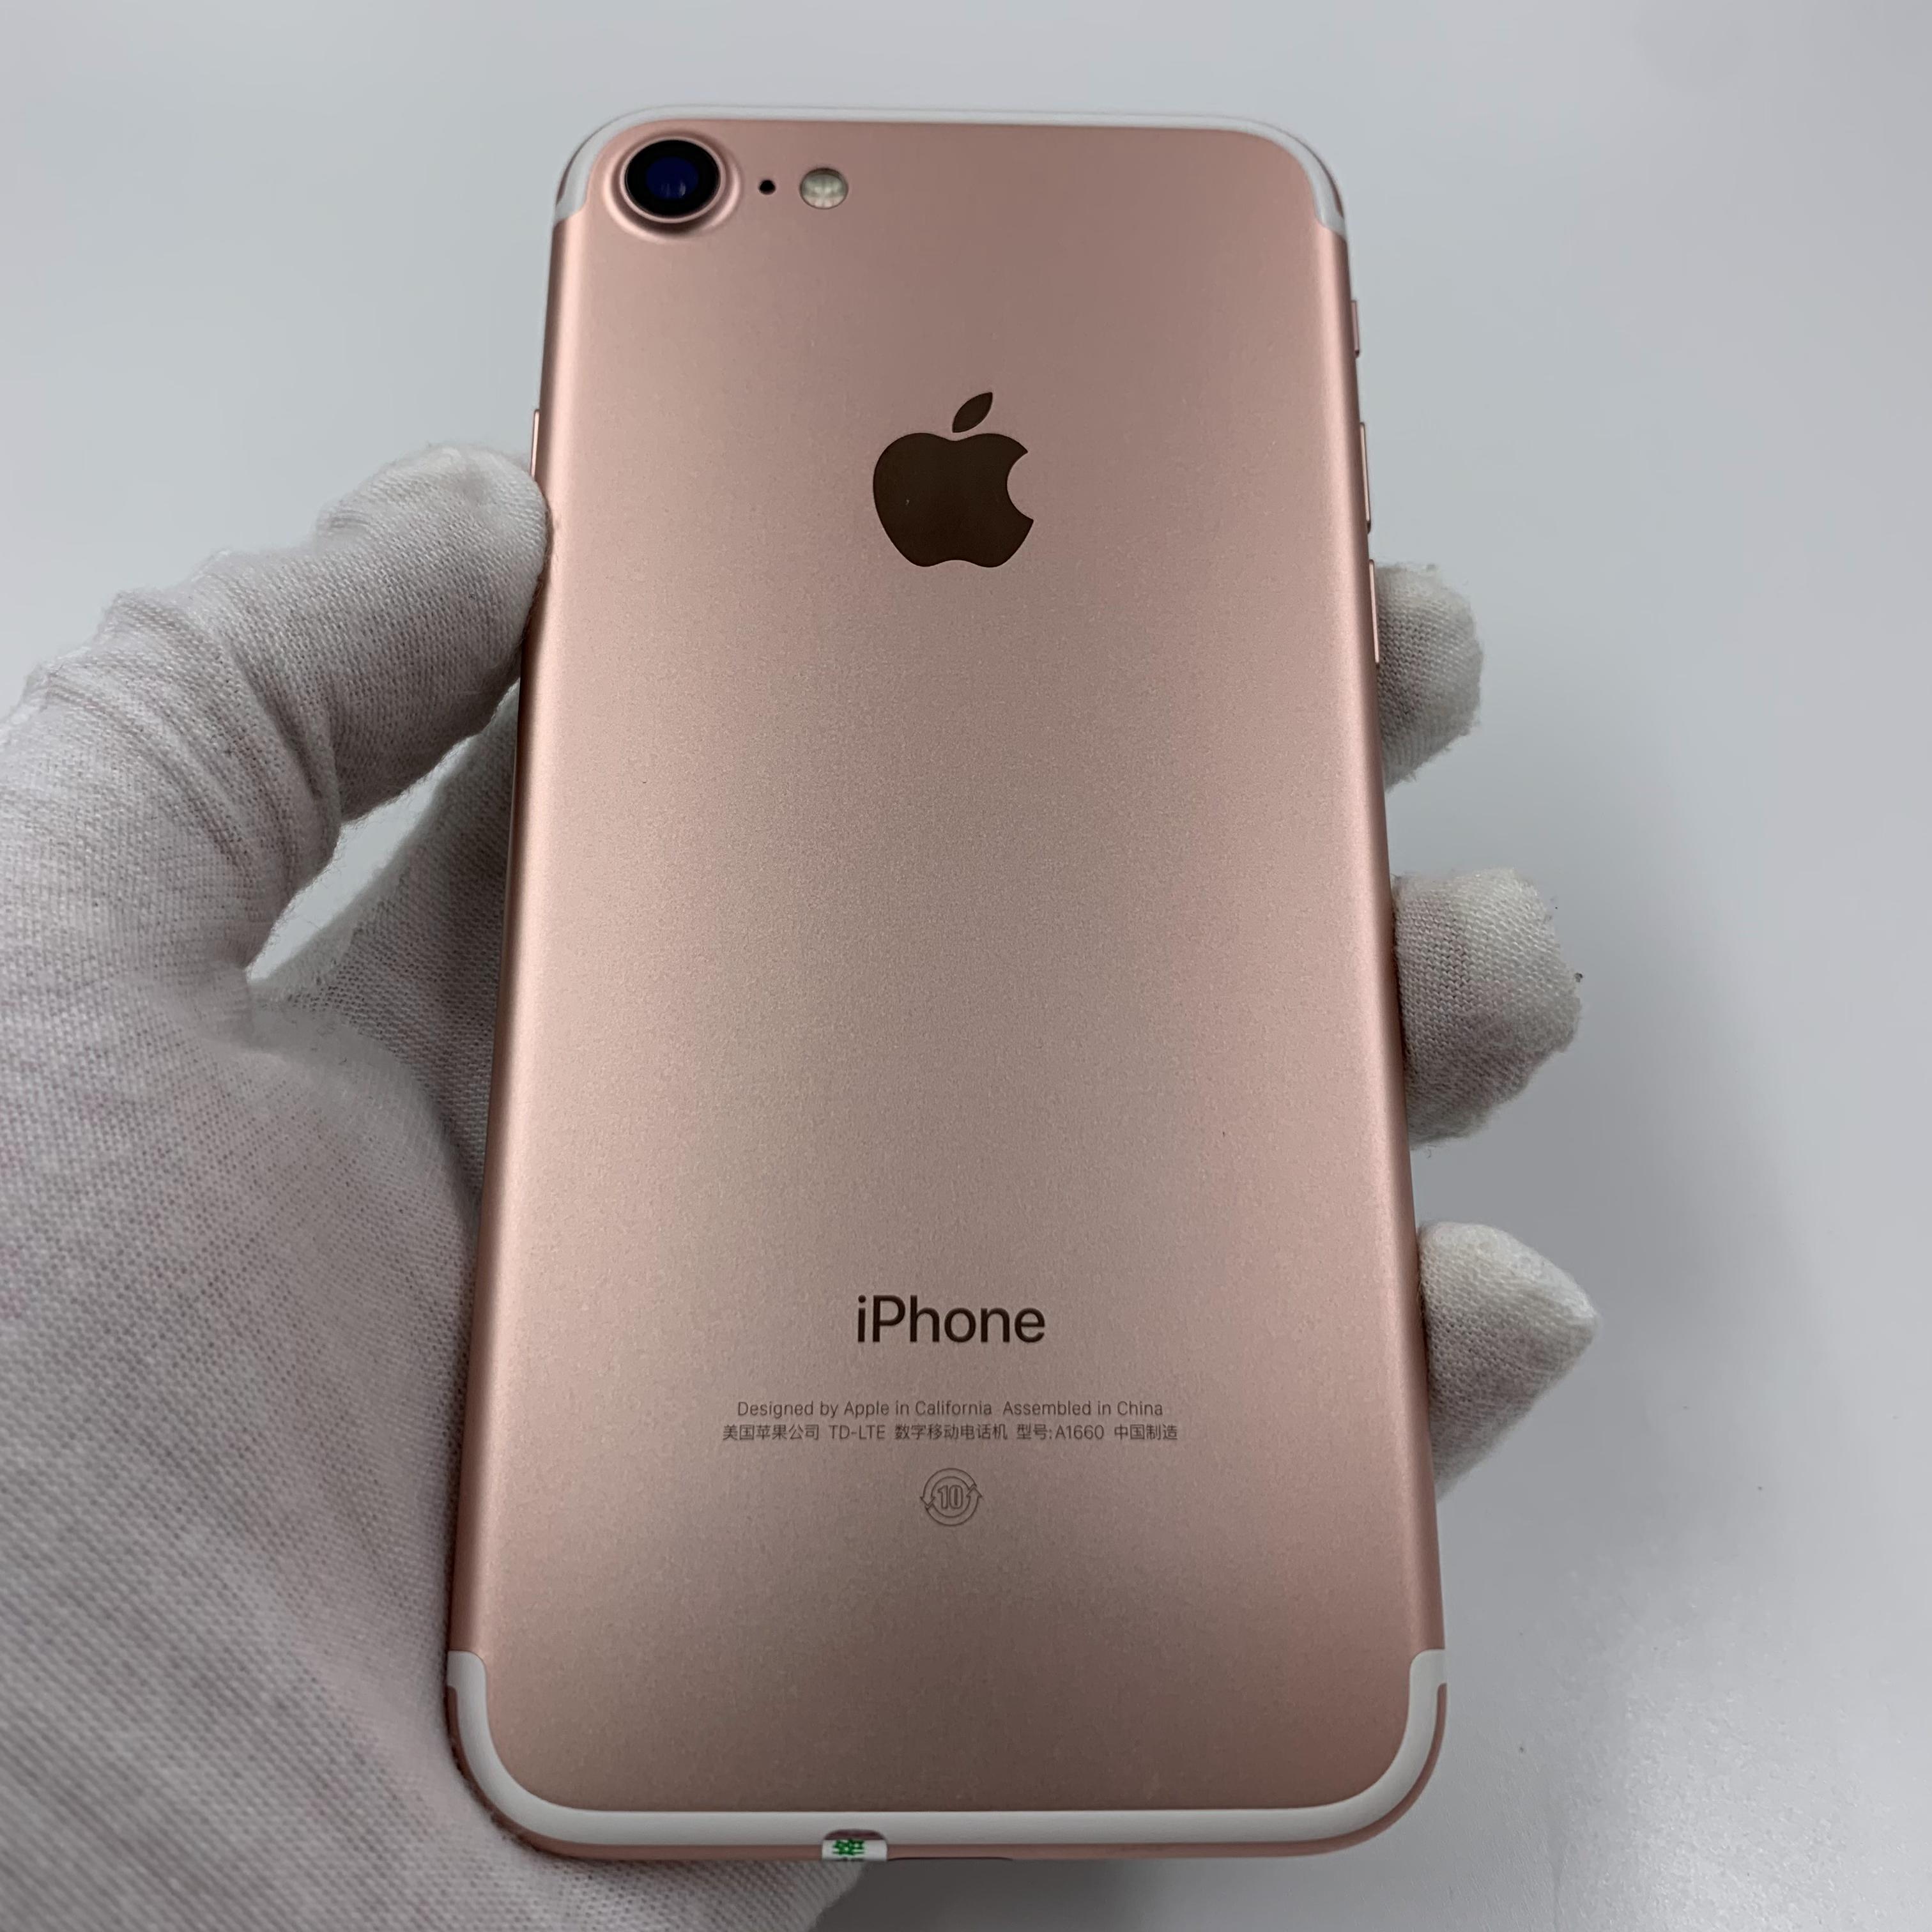 苹果【iPhone 7】4G全网通 玫瑰金 128G 国行 95新 真机实拍